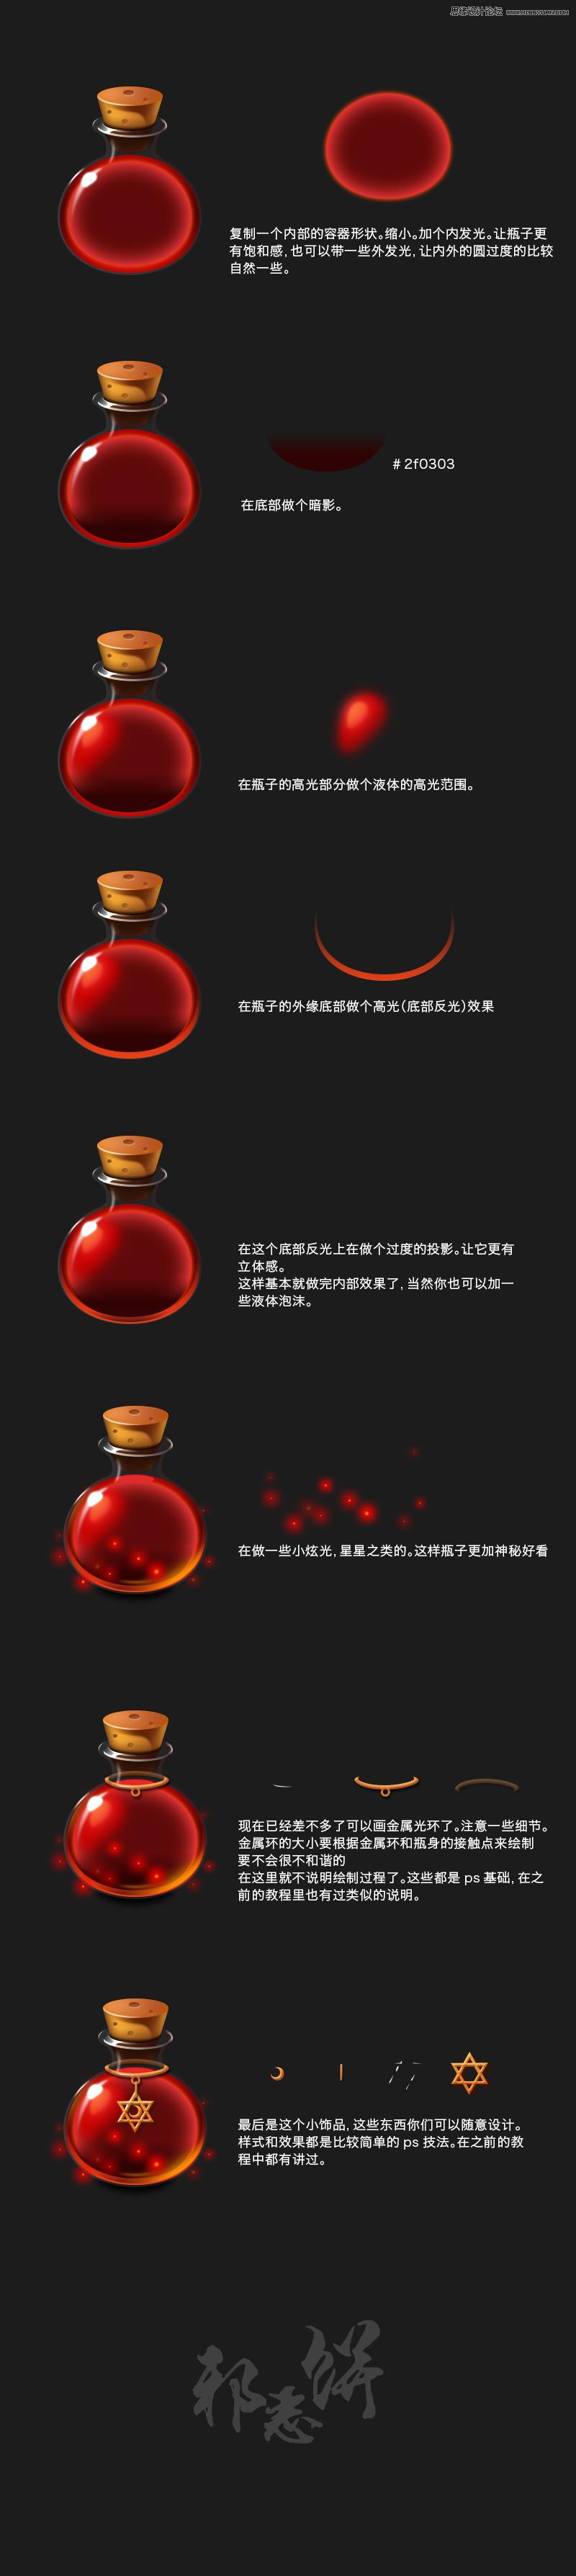 Photoshop繪製漂亮的水晶瓶圖標教程